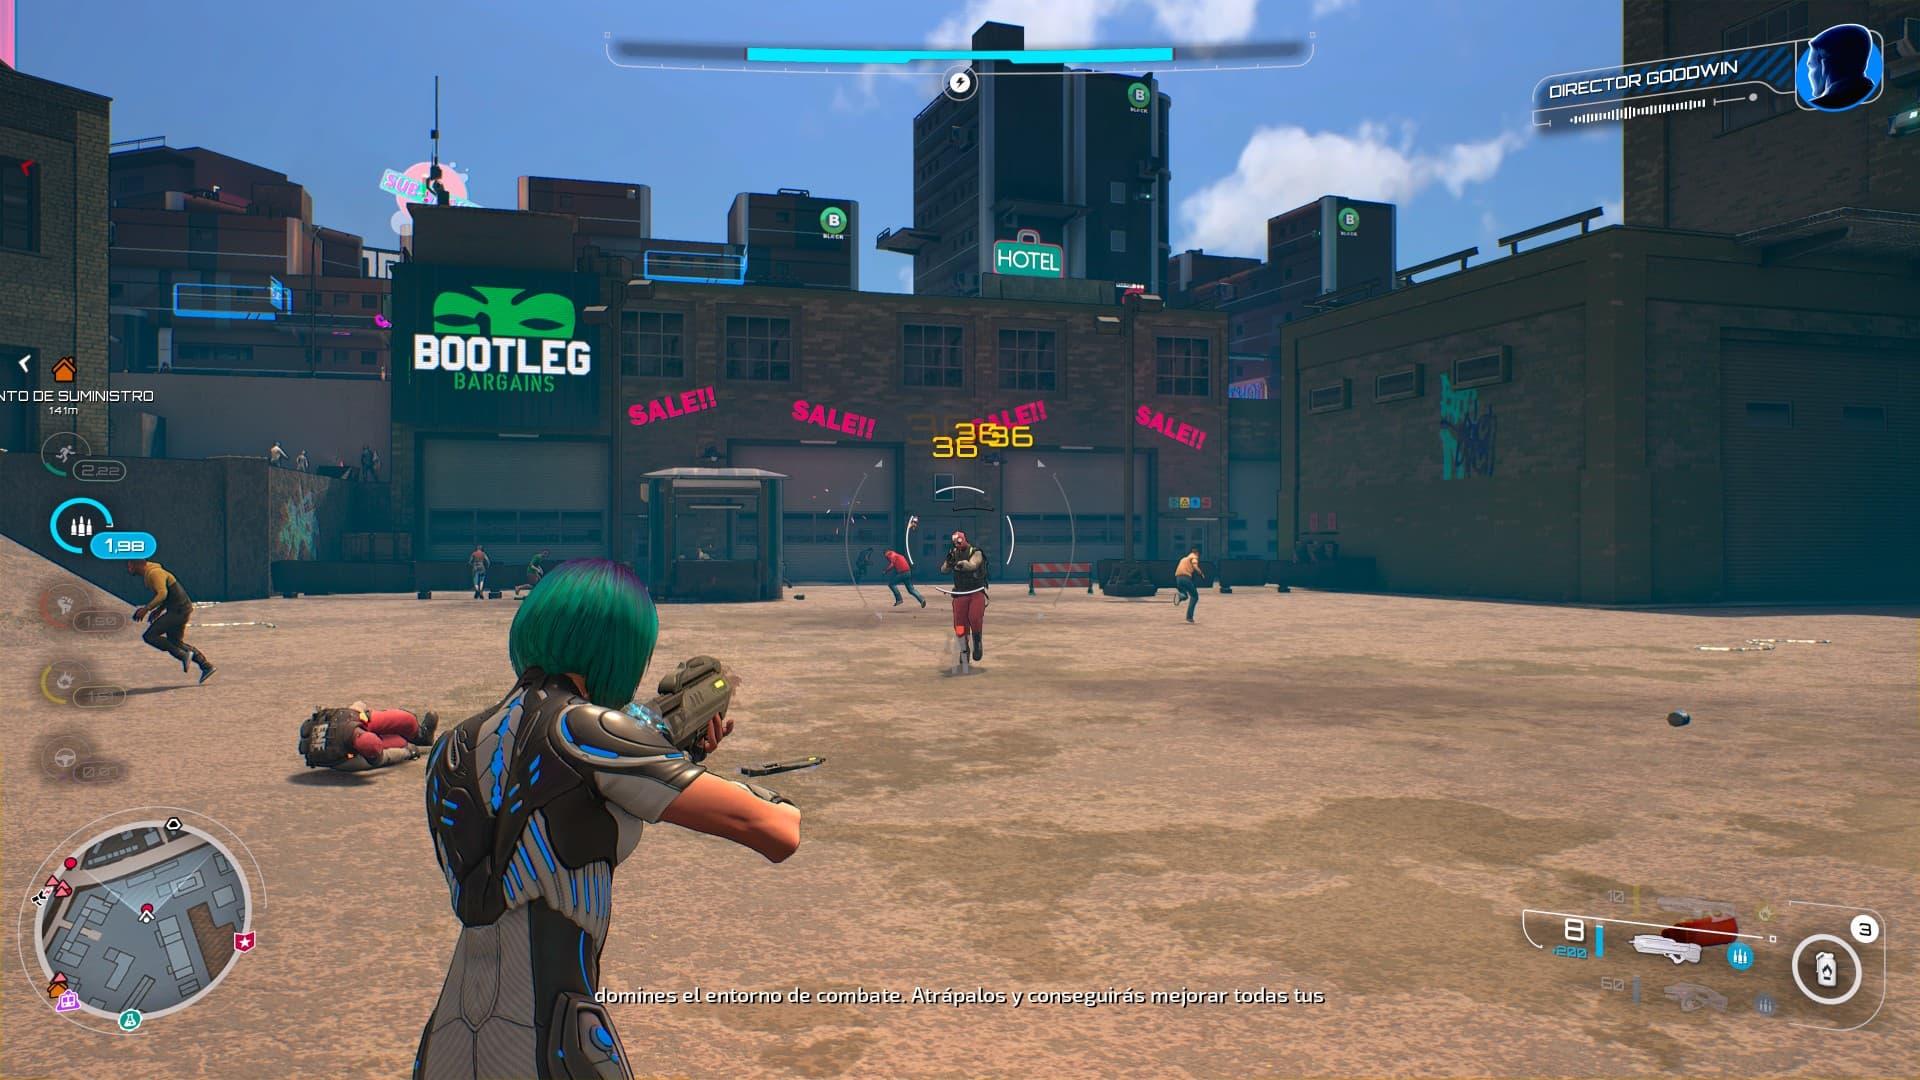 Análisis de Crackdown 3 - Xbox One 2